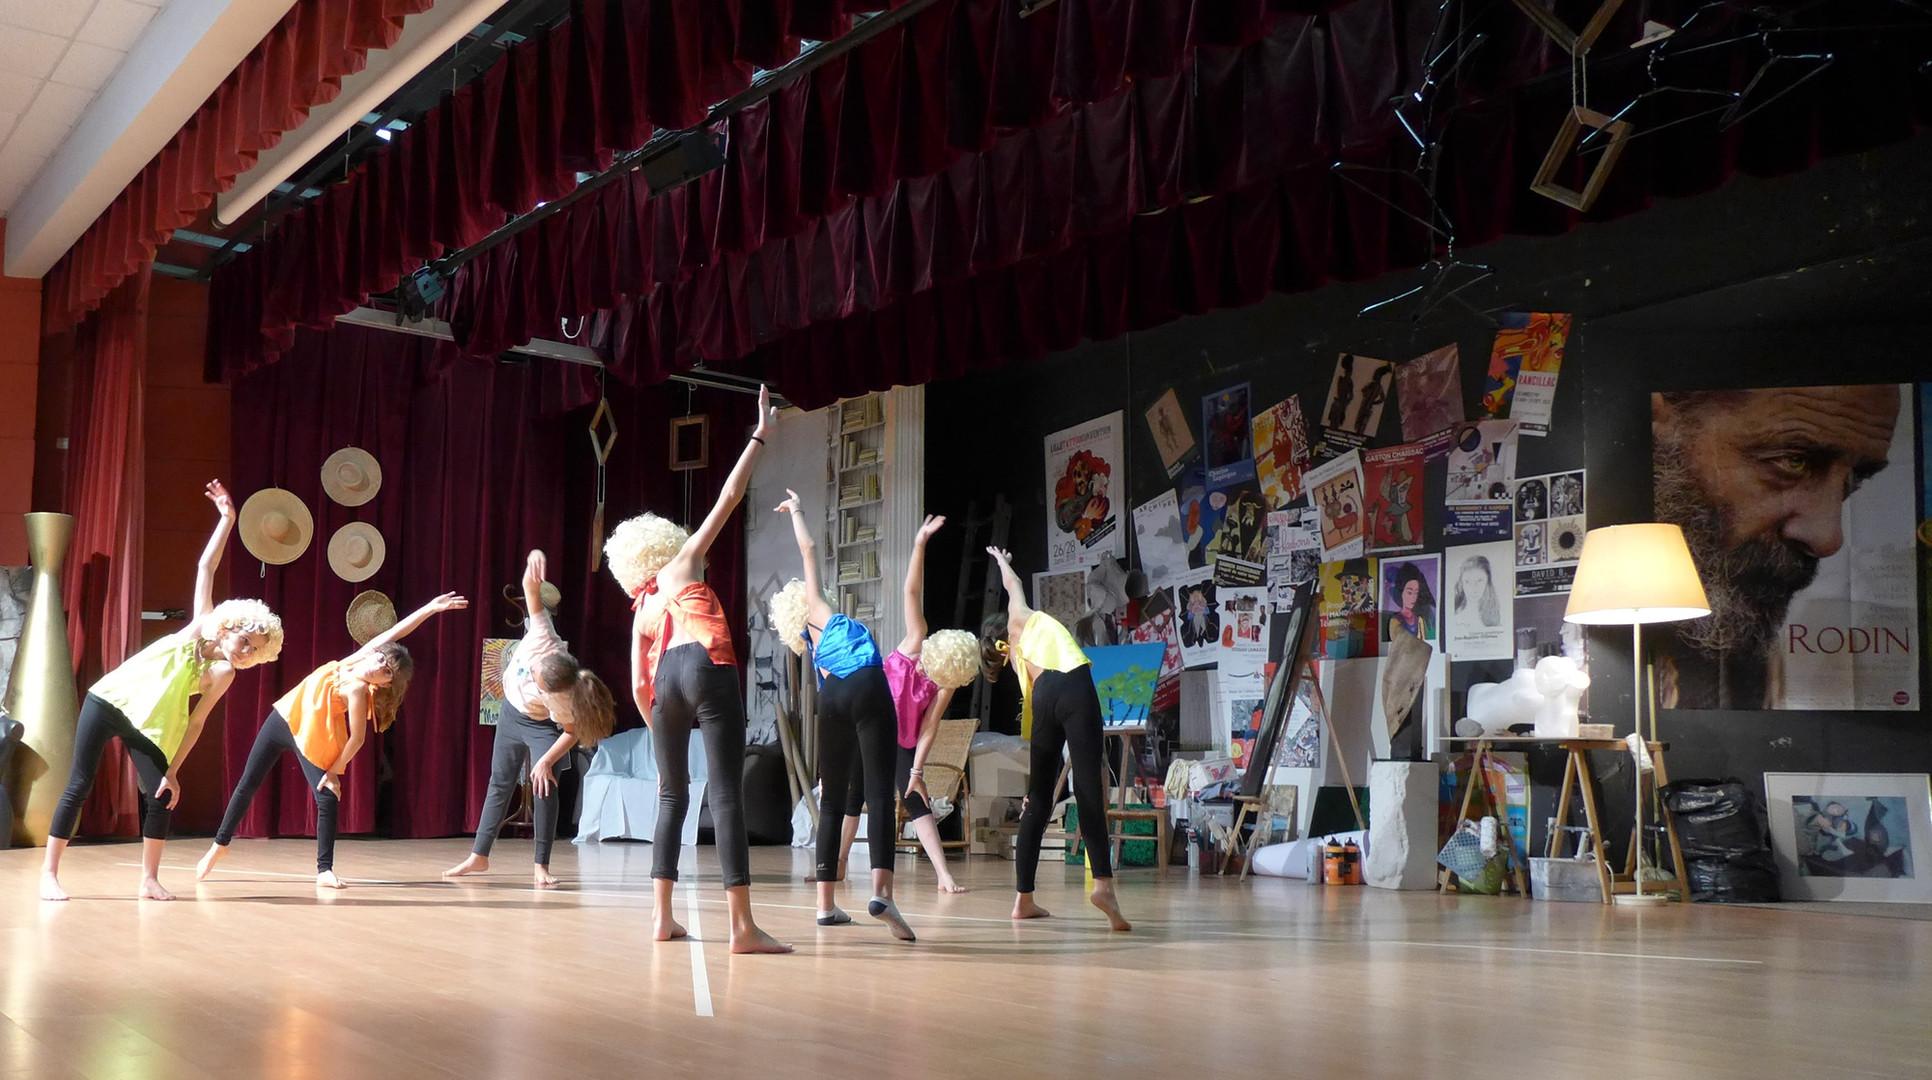 2018-06-11-19h56m49 Danse dans l'Atelier.jpg